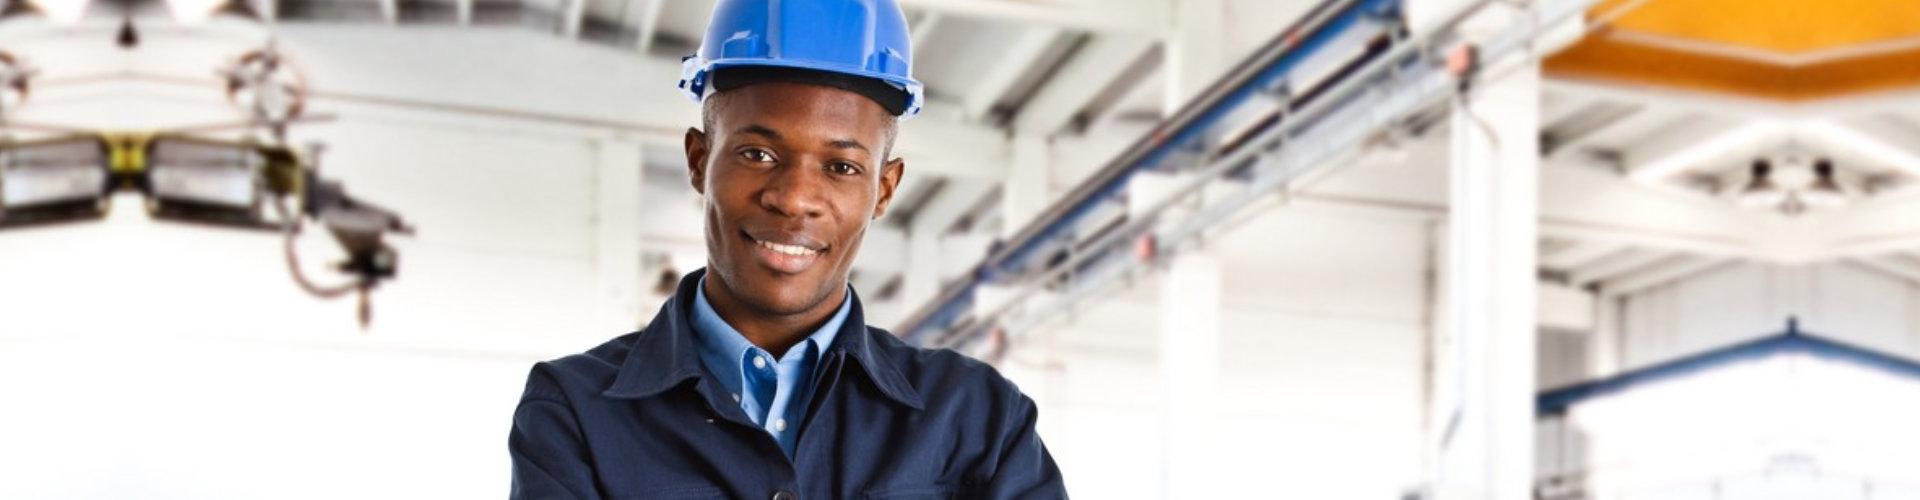 African american engineer smiling